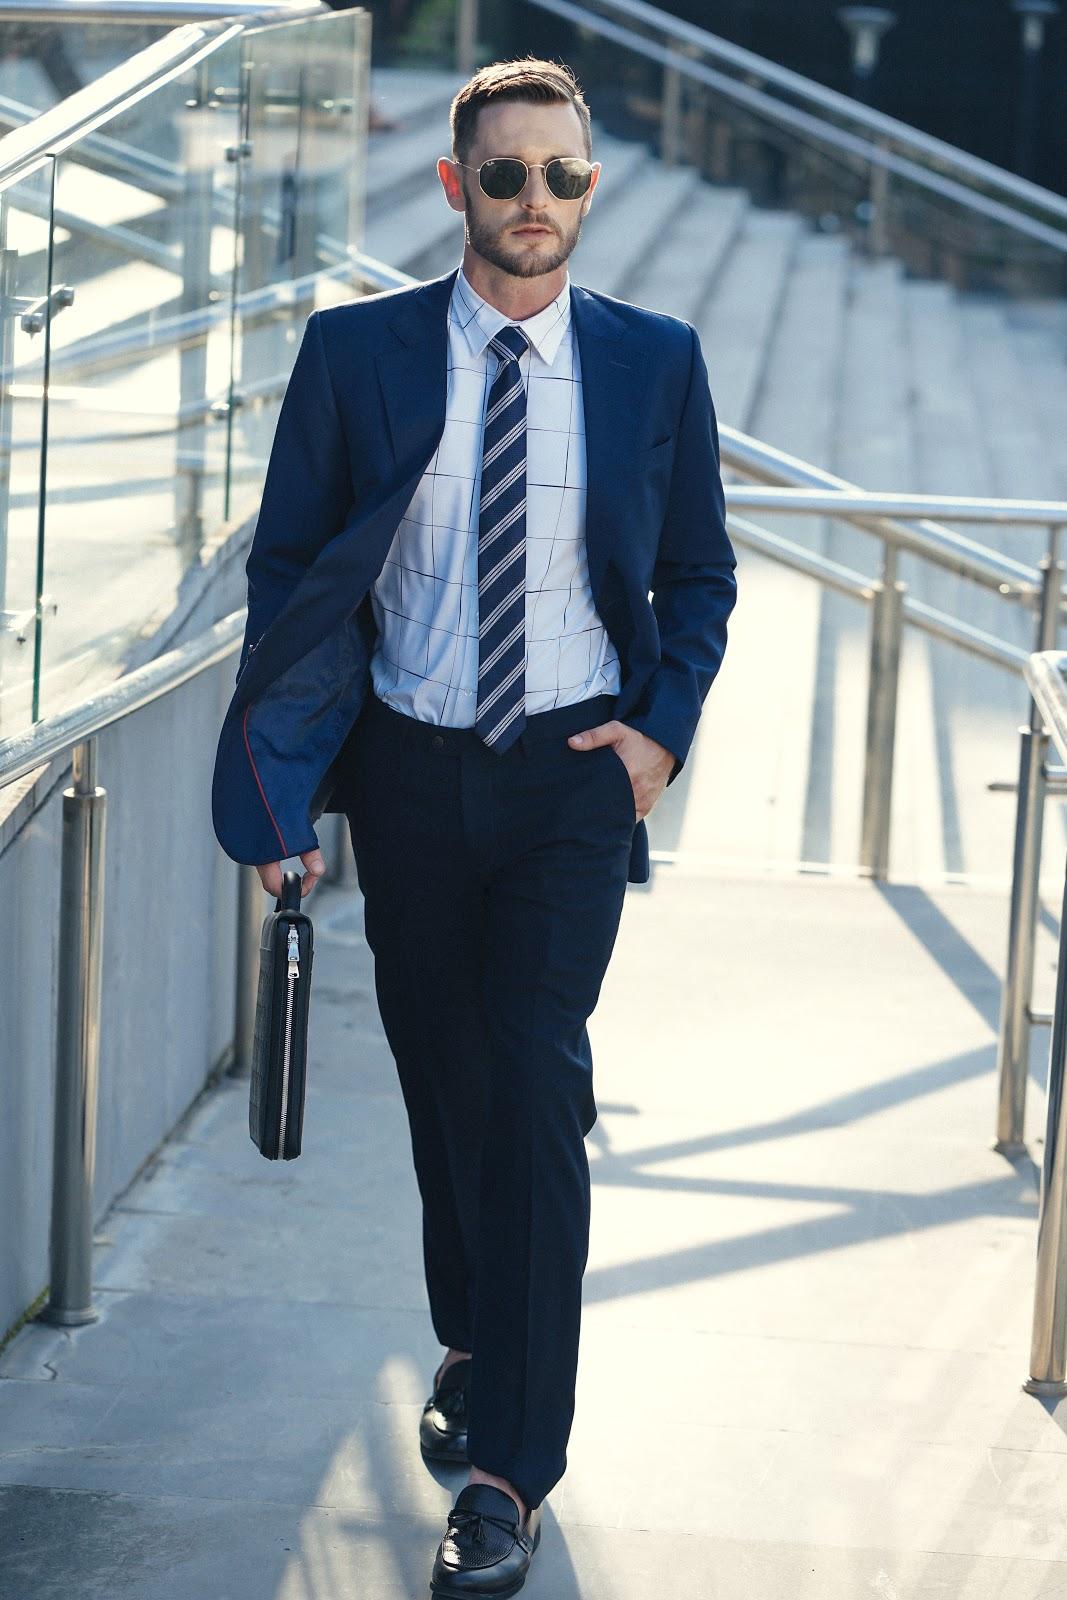 Áo vest là sự lựa chọn lý tưởng nhất để kết hợp với combo áo sơ mi - quần Âu nam